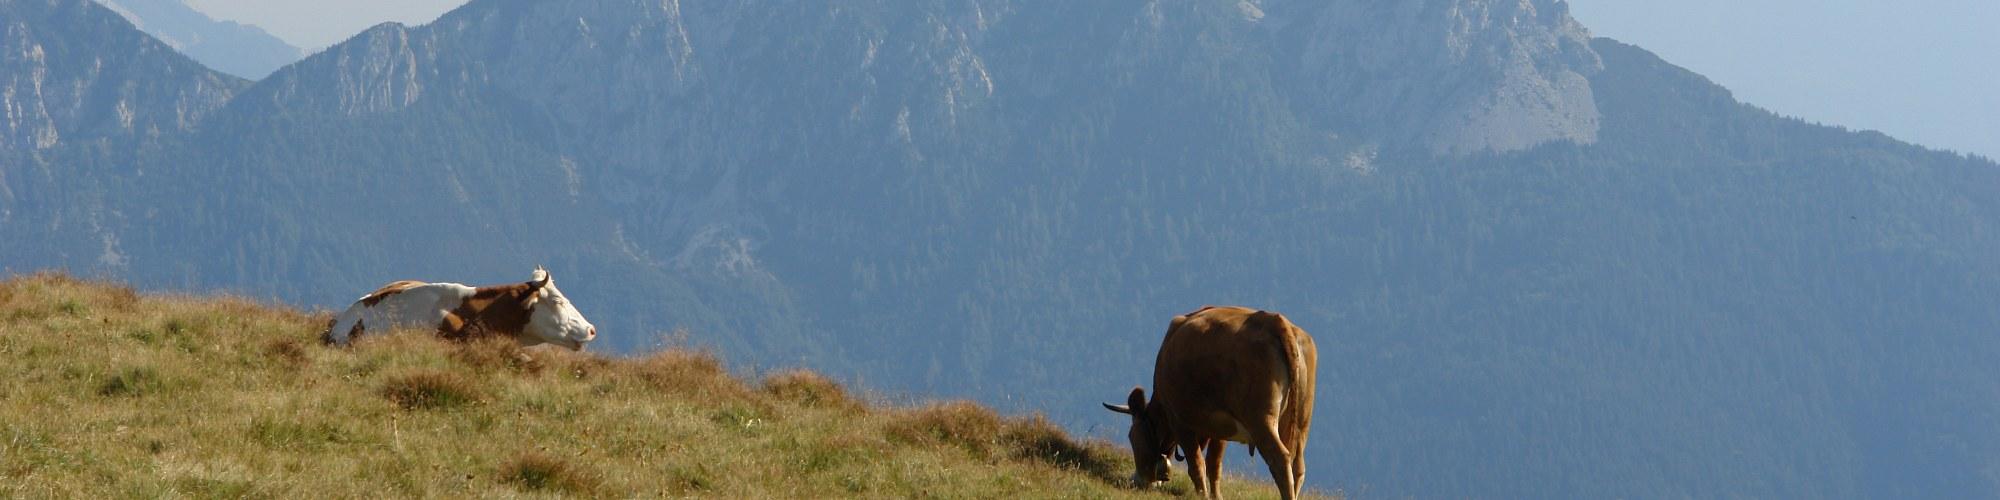 Alti pascoli (Monte Dimon Ligosullo)